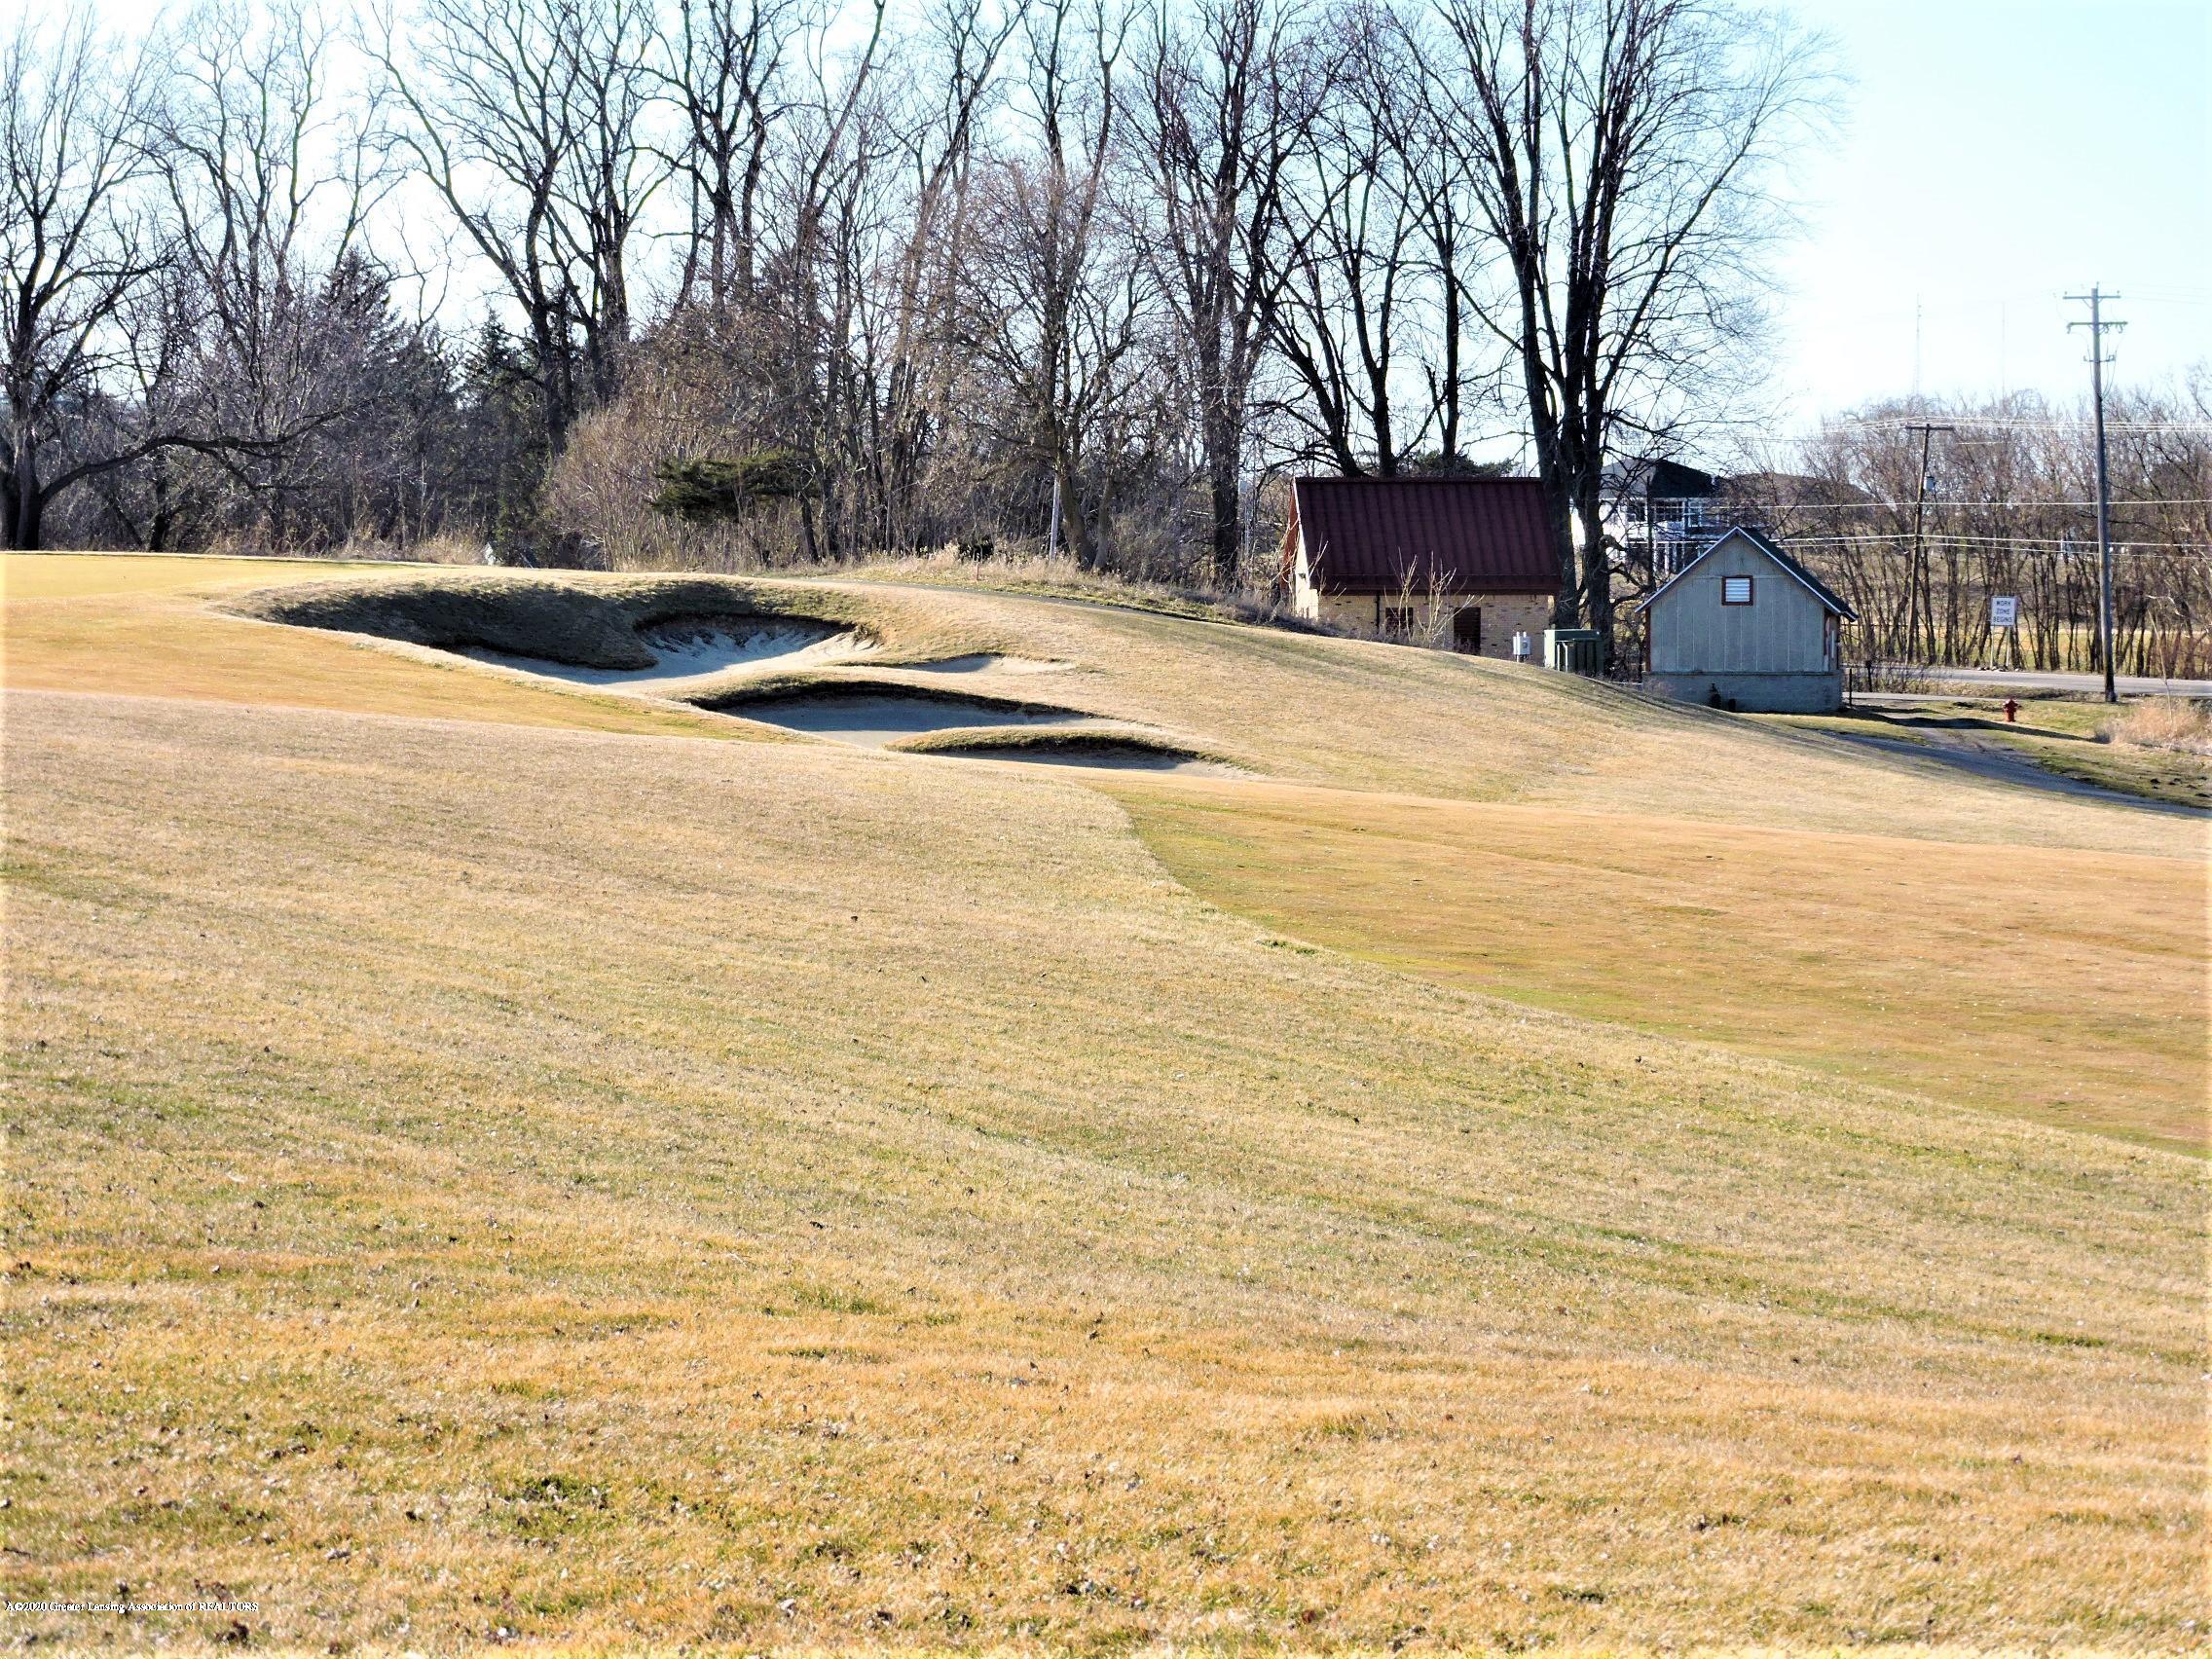 2830 Carnoustie Dr - golf course pic - 31